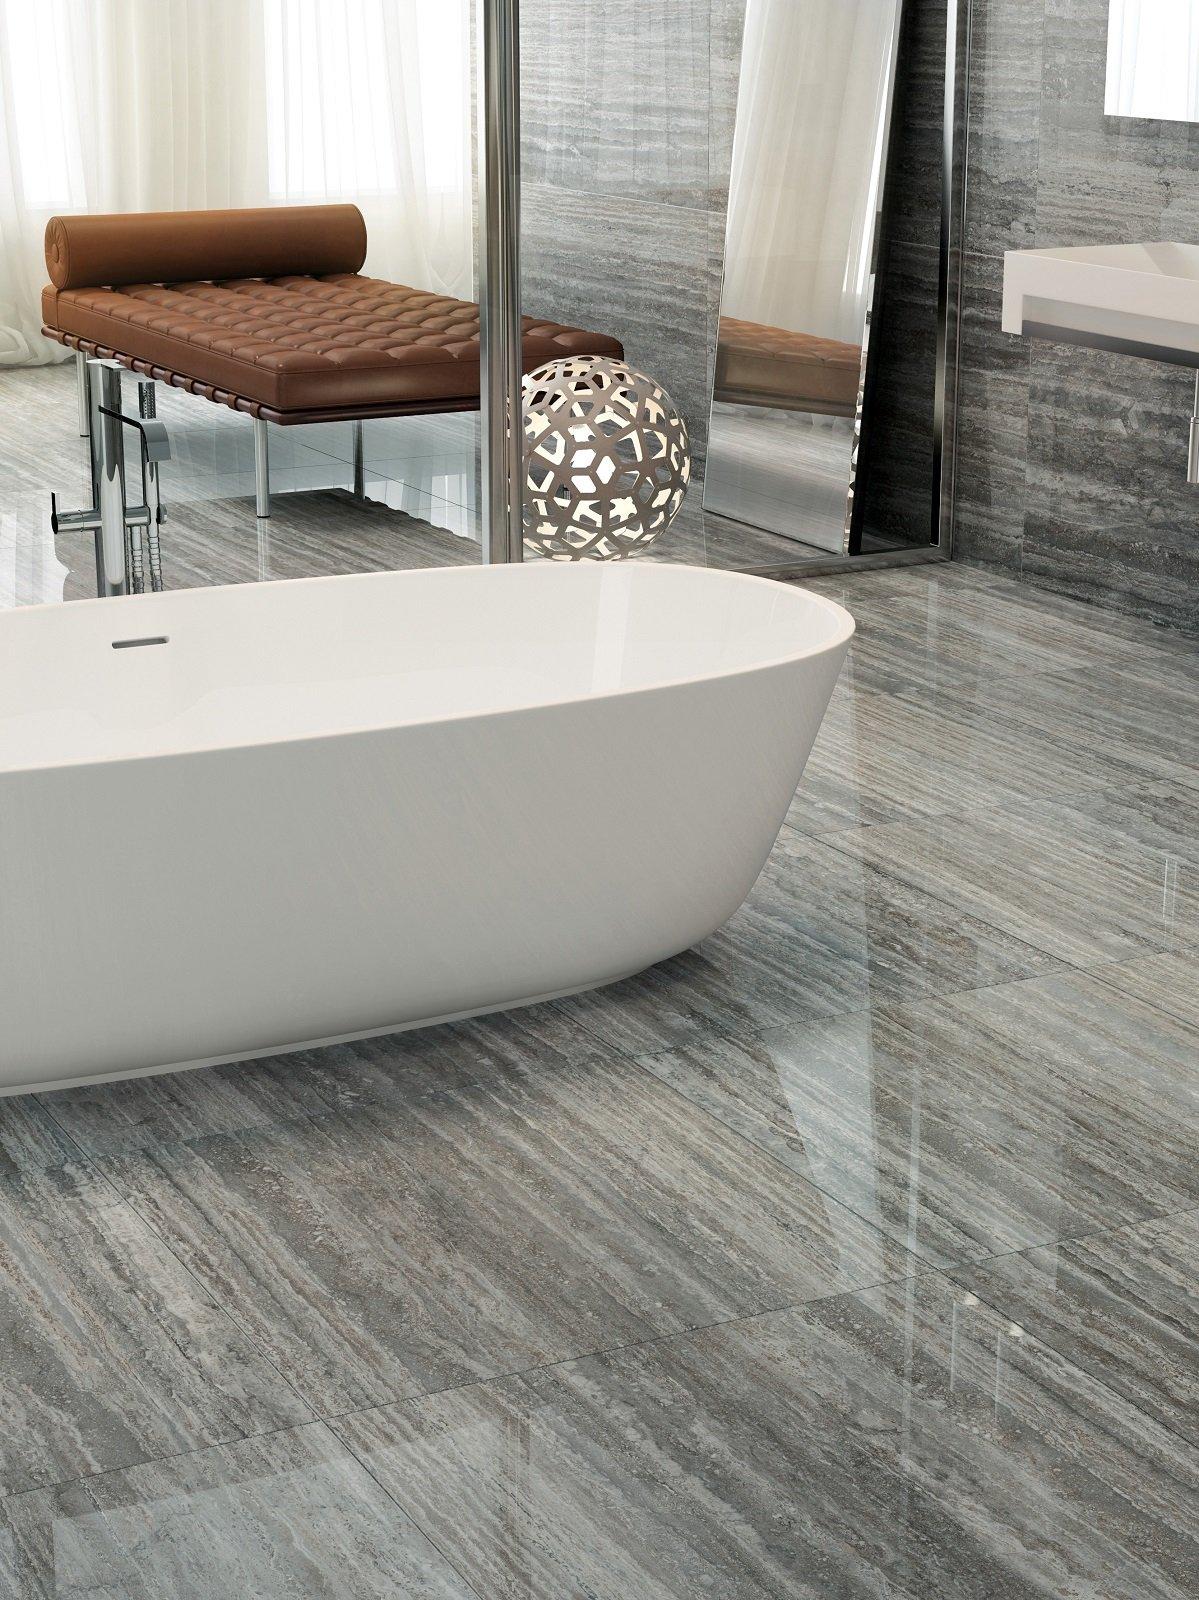 Pavimenti per il bagno gres in tante versioni - Parquet per bagno e cucina ...